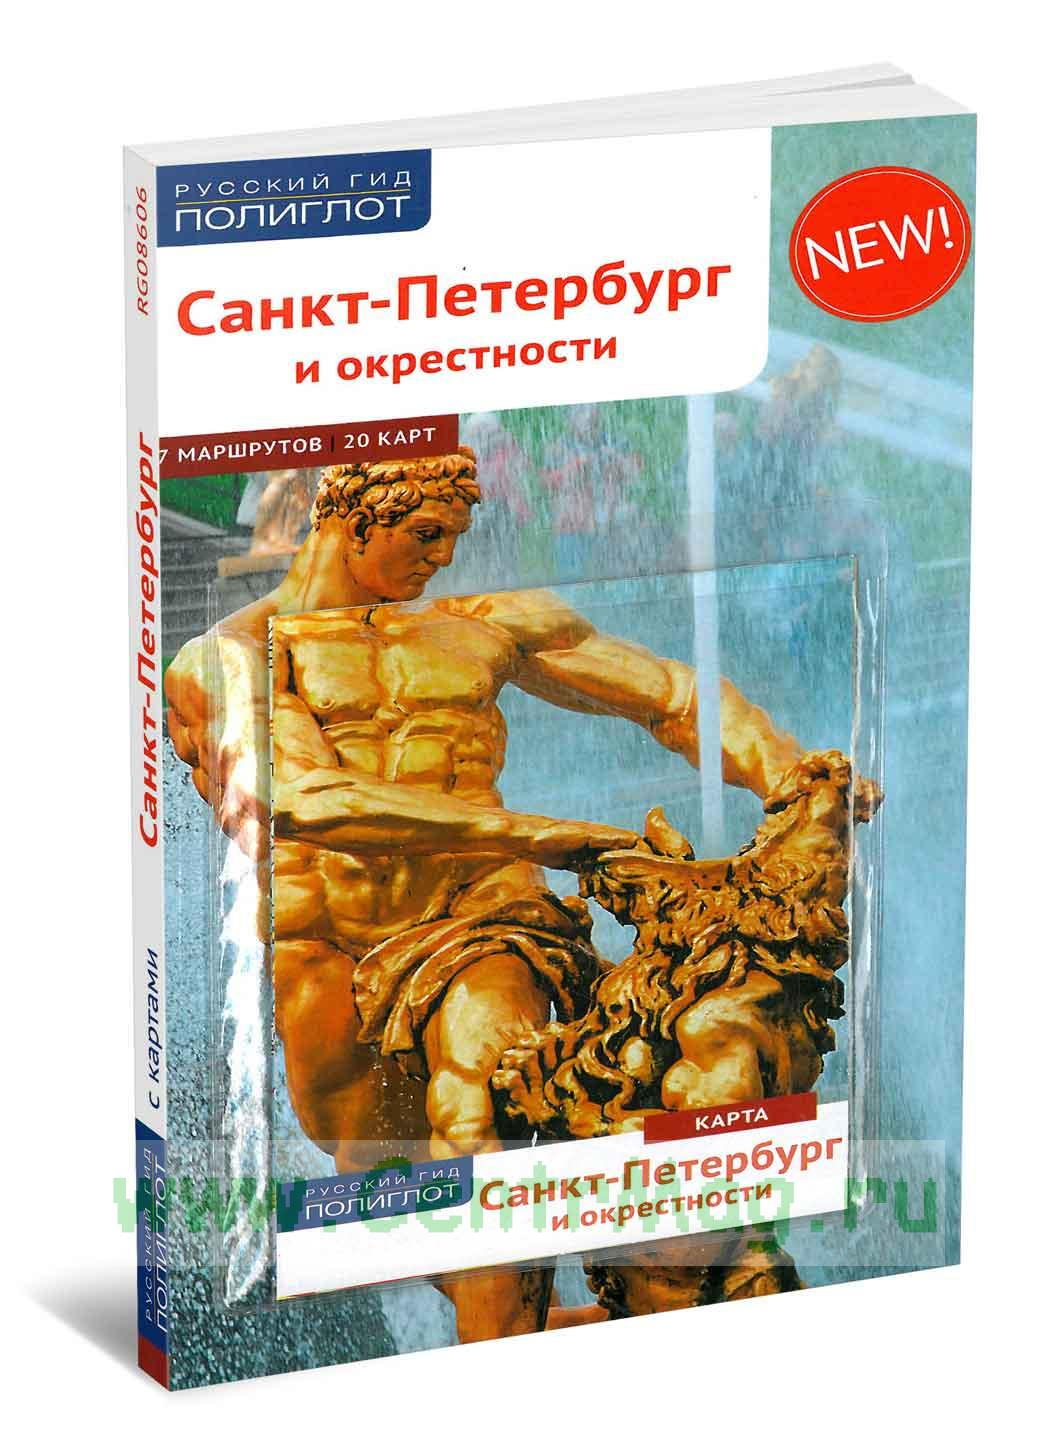 Санкт-Петербург и его окрестности. Путеводитель с картой